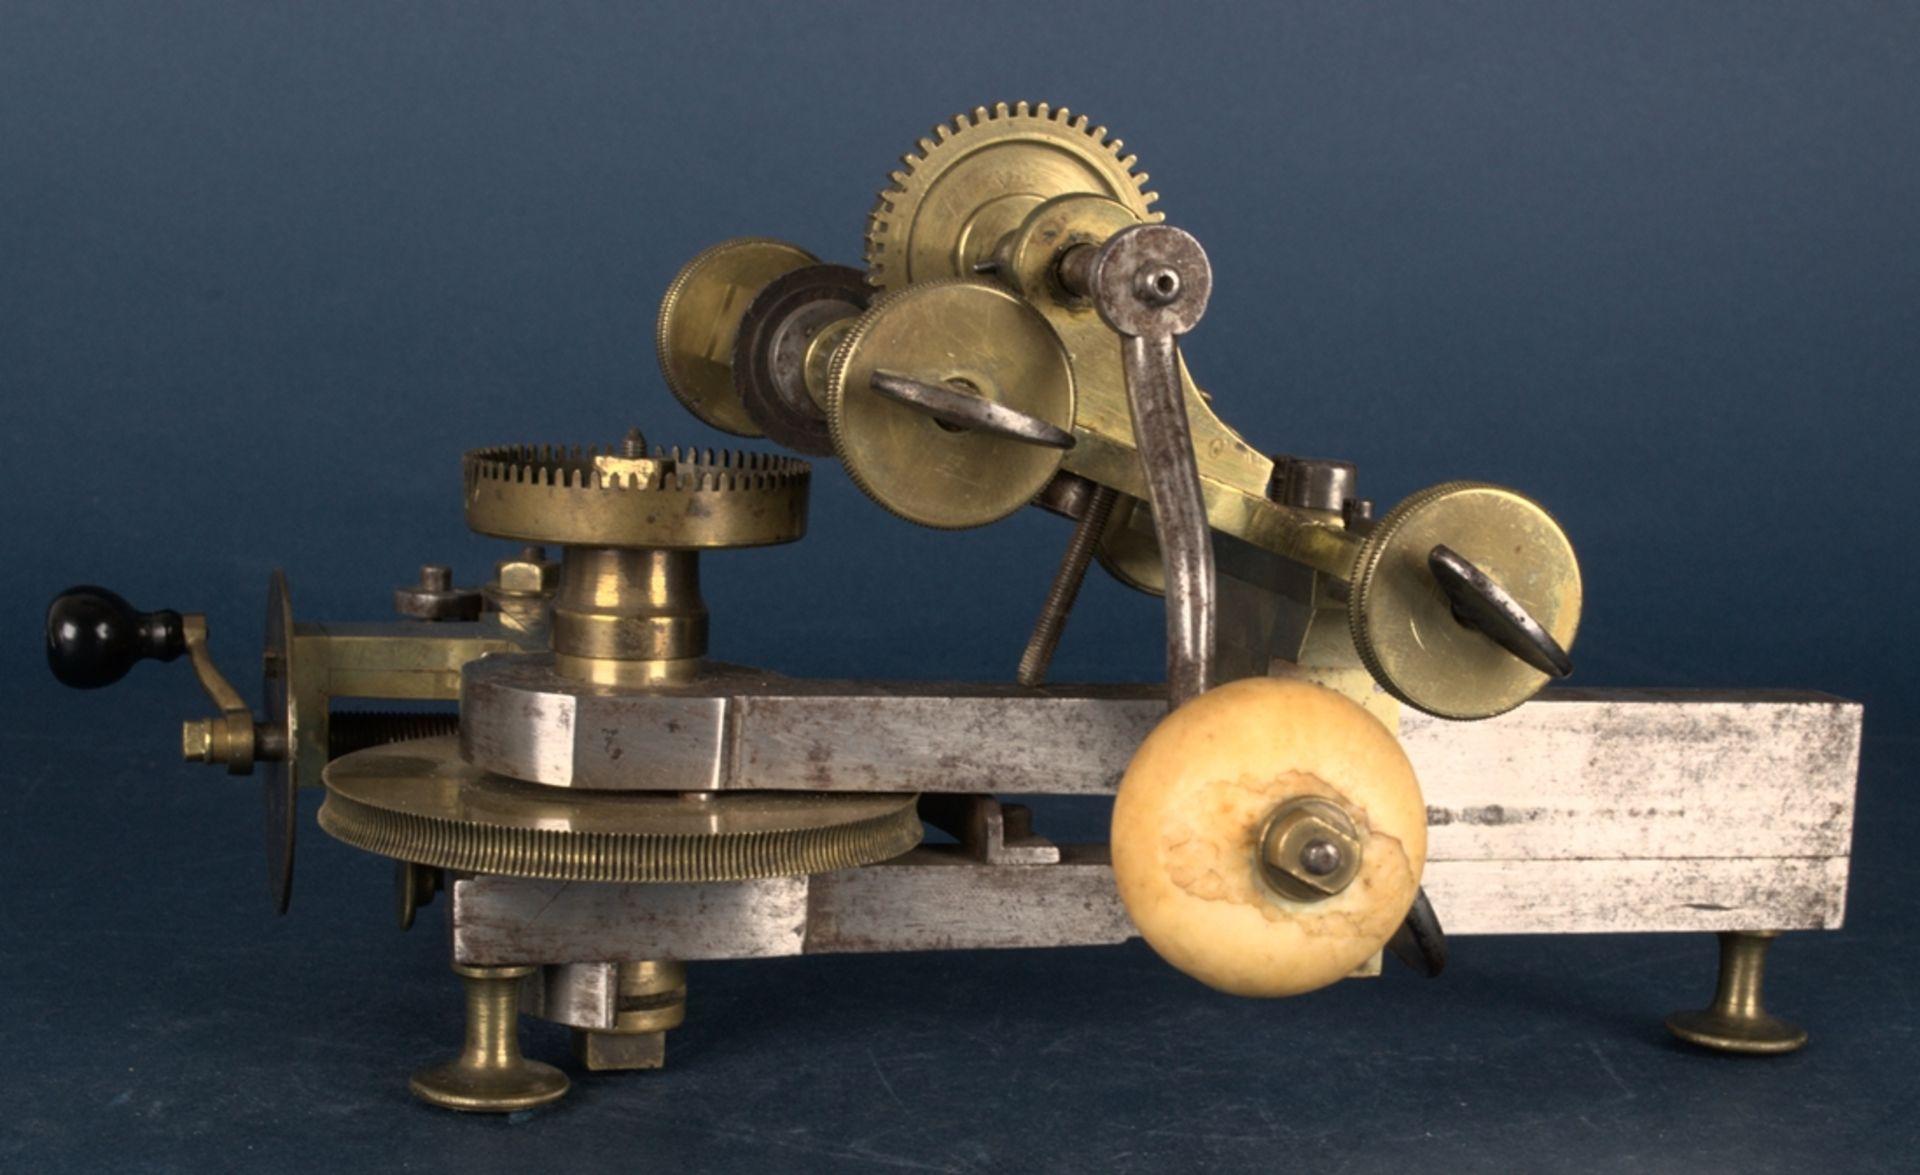 Zahnradfräsmaschine/Zahnräderschneidemaschine, frühes Uhrmacherwerkzeug, deutsch Mitte 18. Jhd., - Bild 10 aus 29